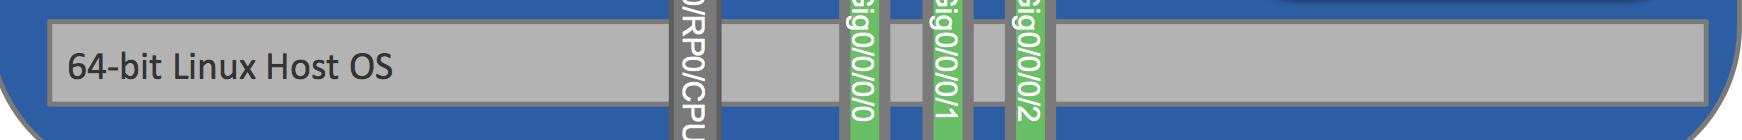 host-linux-hypervisor